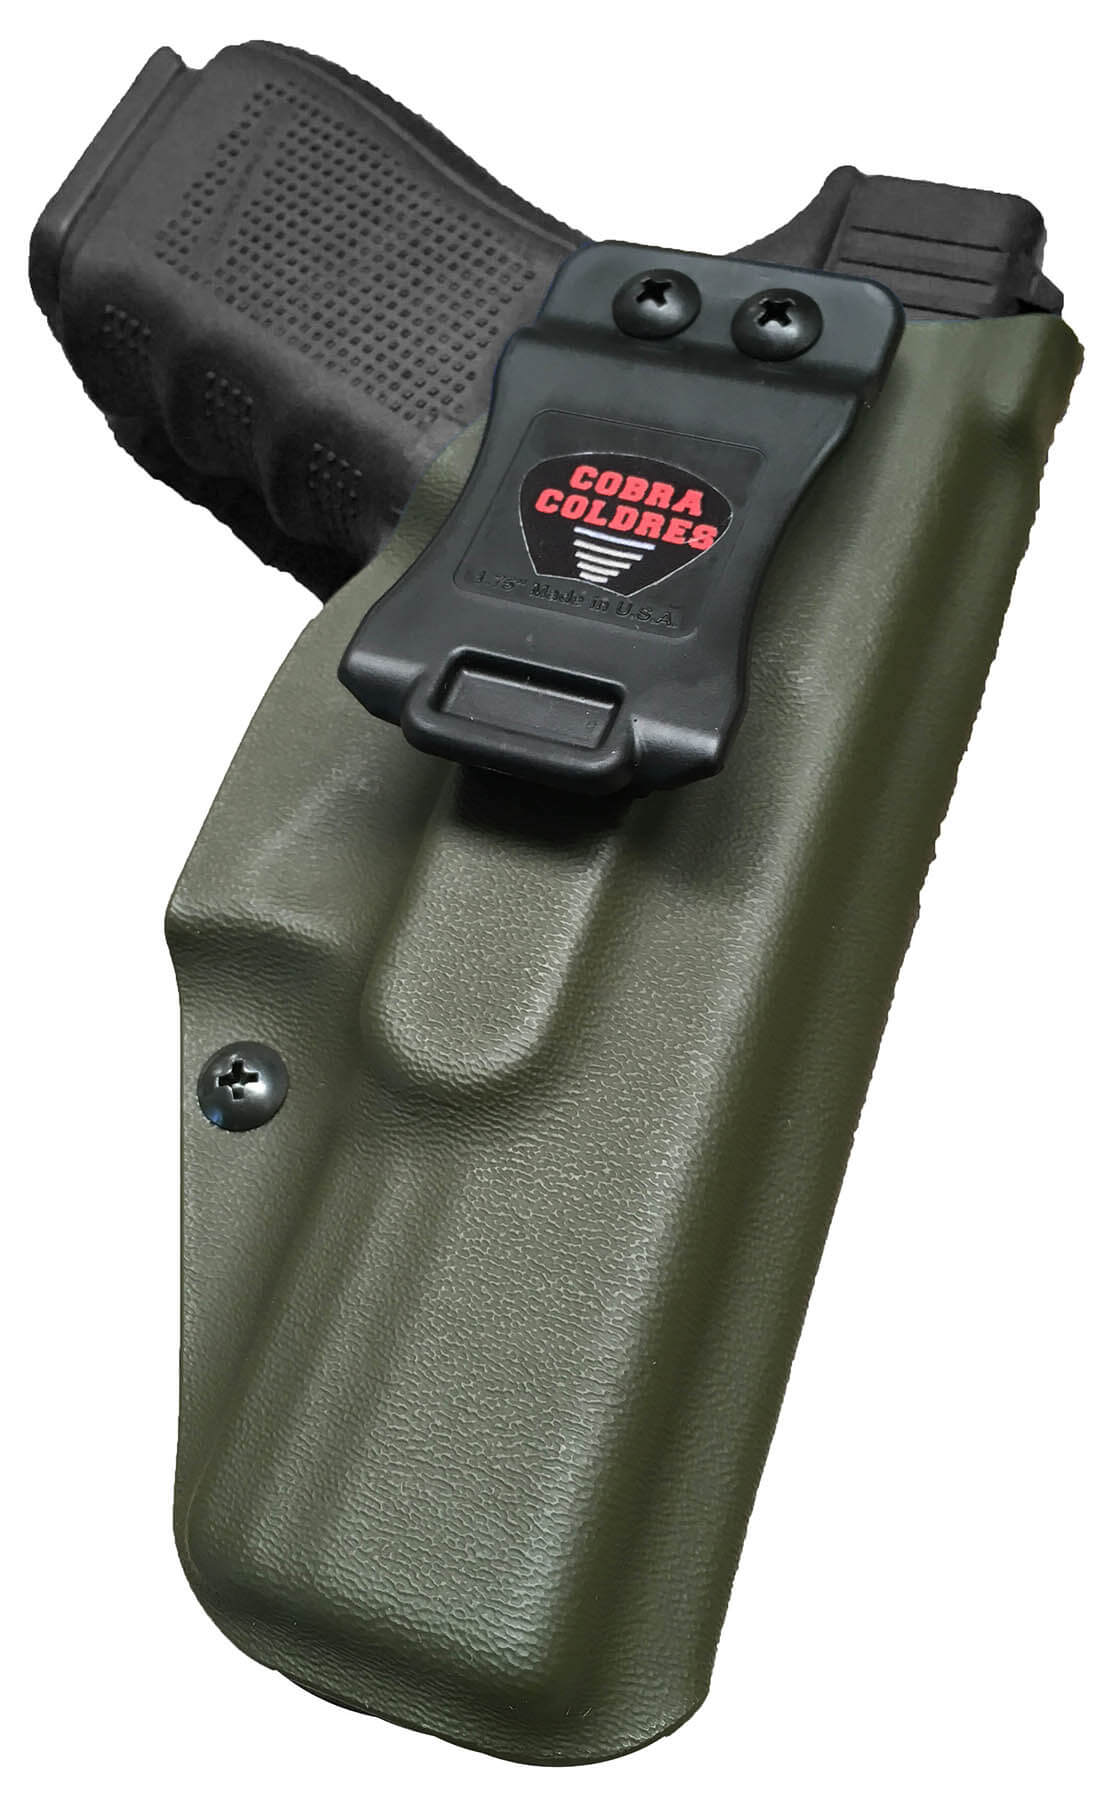 Coldre Slim G25 G19 19x G23 G32 G38 Glock Saque Rápido Velado Kydex® 080 - Verde Oliva Escuro / Dark Olive